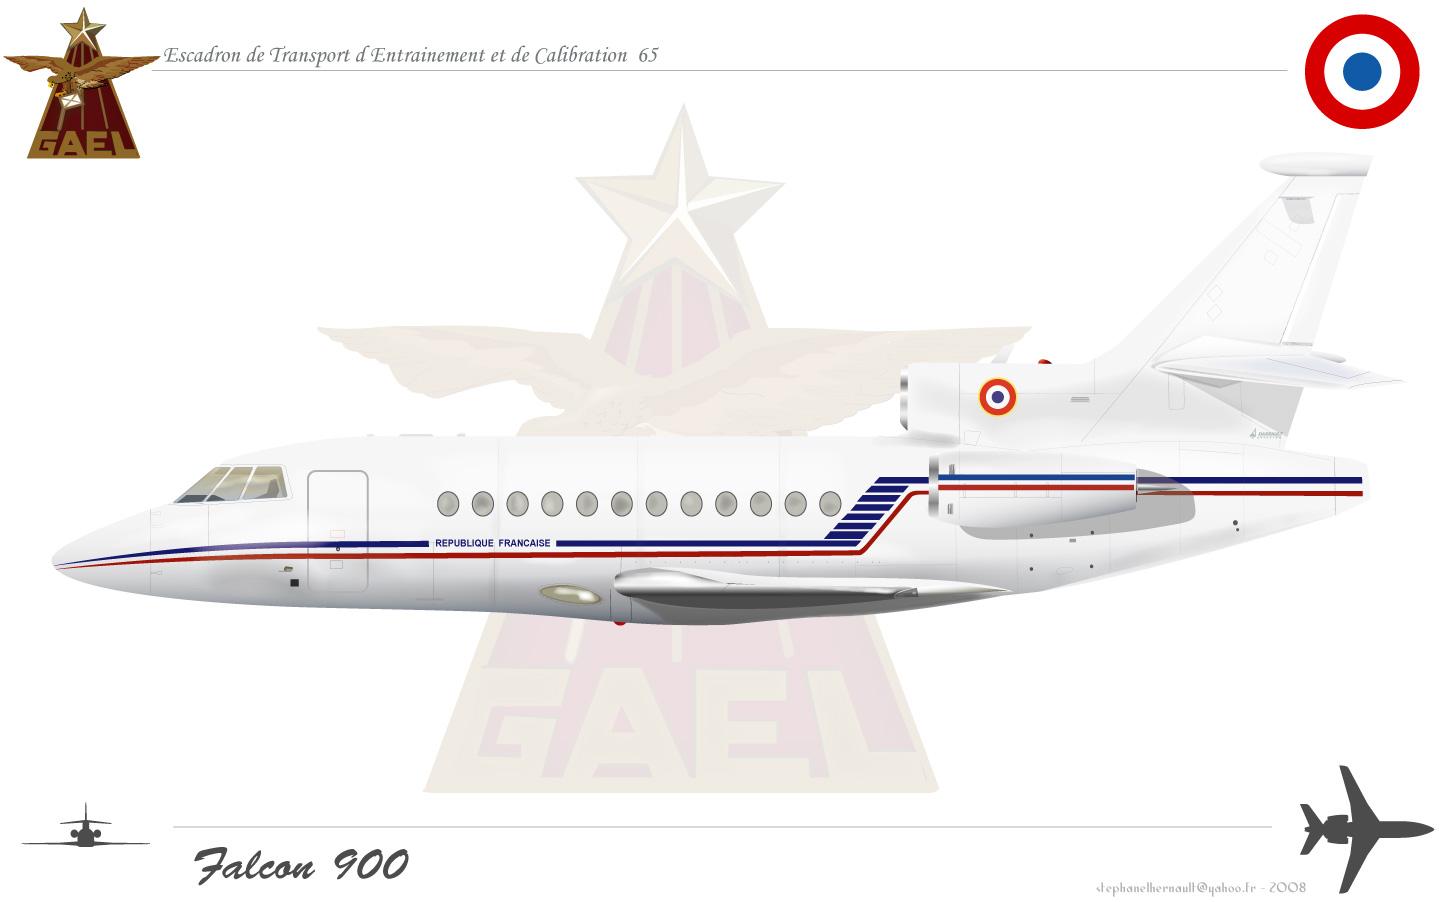 Falcon900